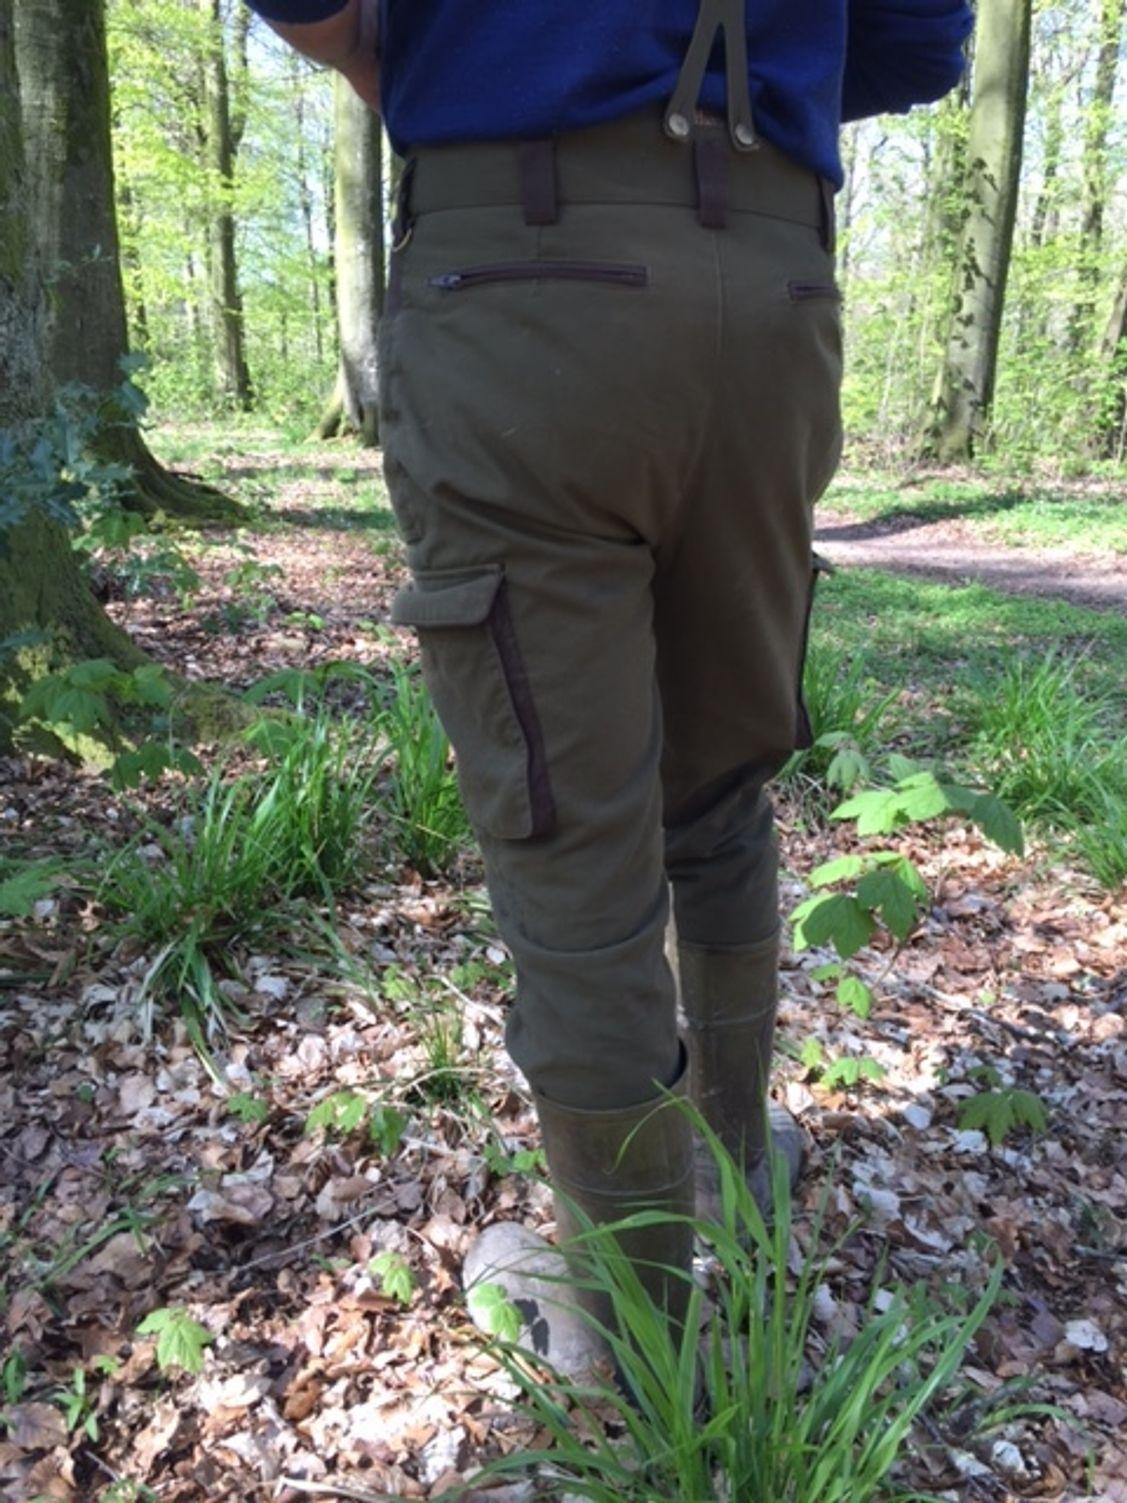 Der Bund ist fast 10cm höher als bei meinen normalen Hosen und zusammen mit den Hosenträgern sorgt es für Wäre an den entscheidenden Stellen!